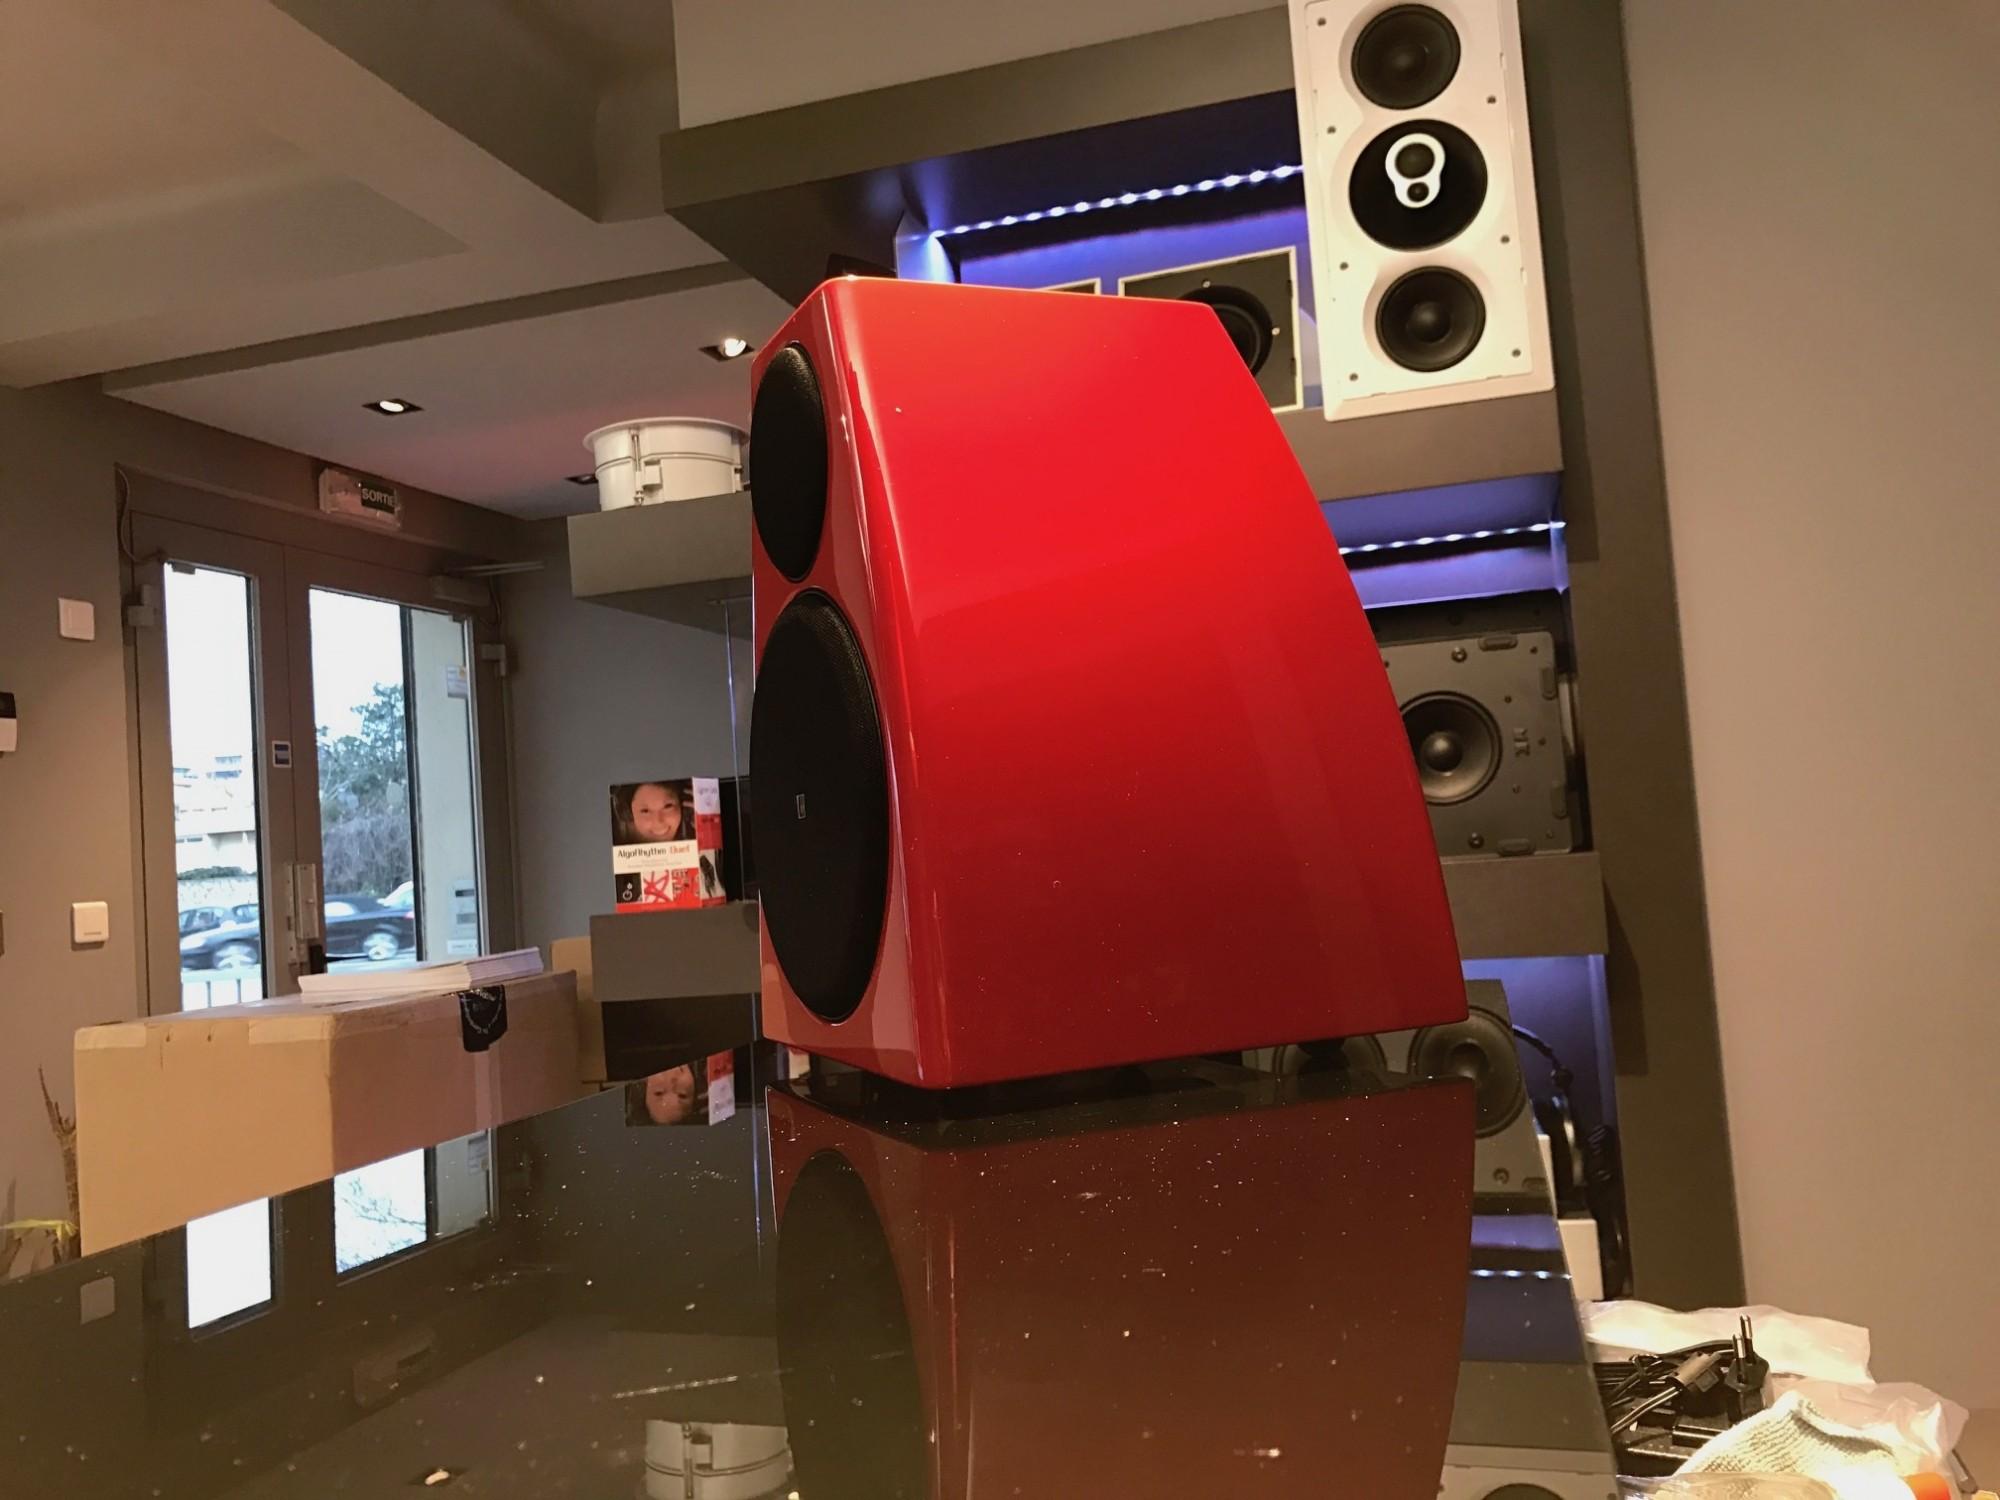 enceinte meridian DSP3200 coloris au choix  rouge Ferrari